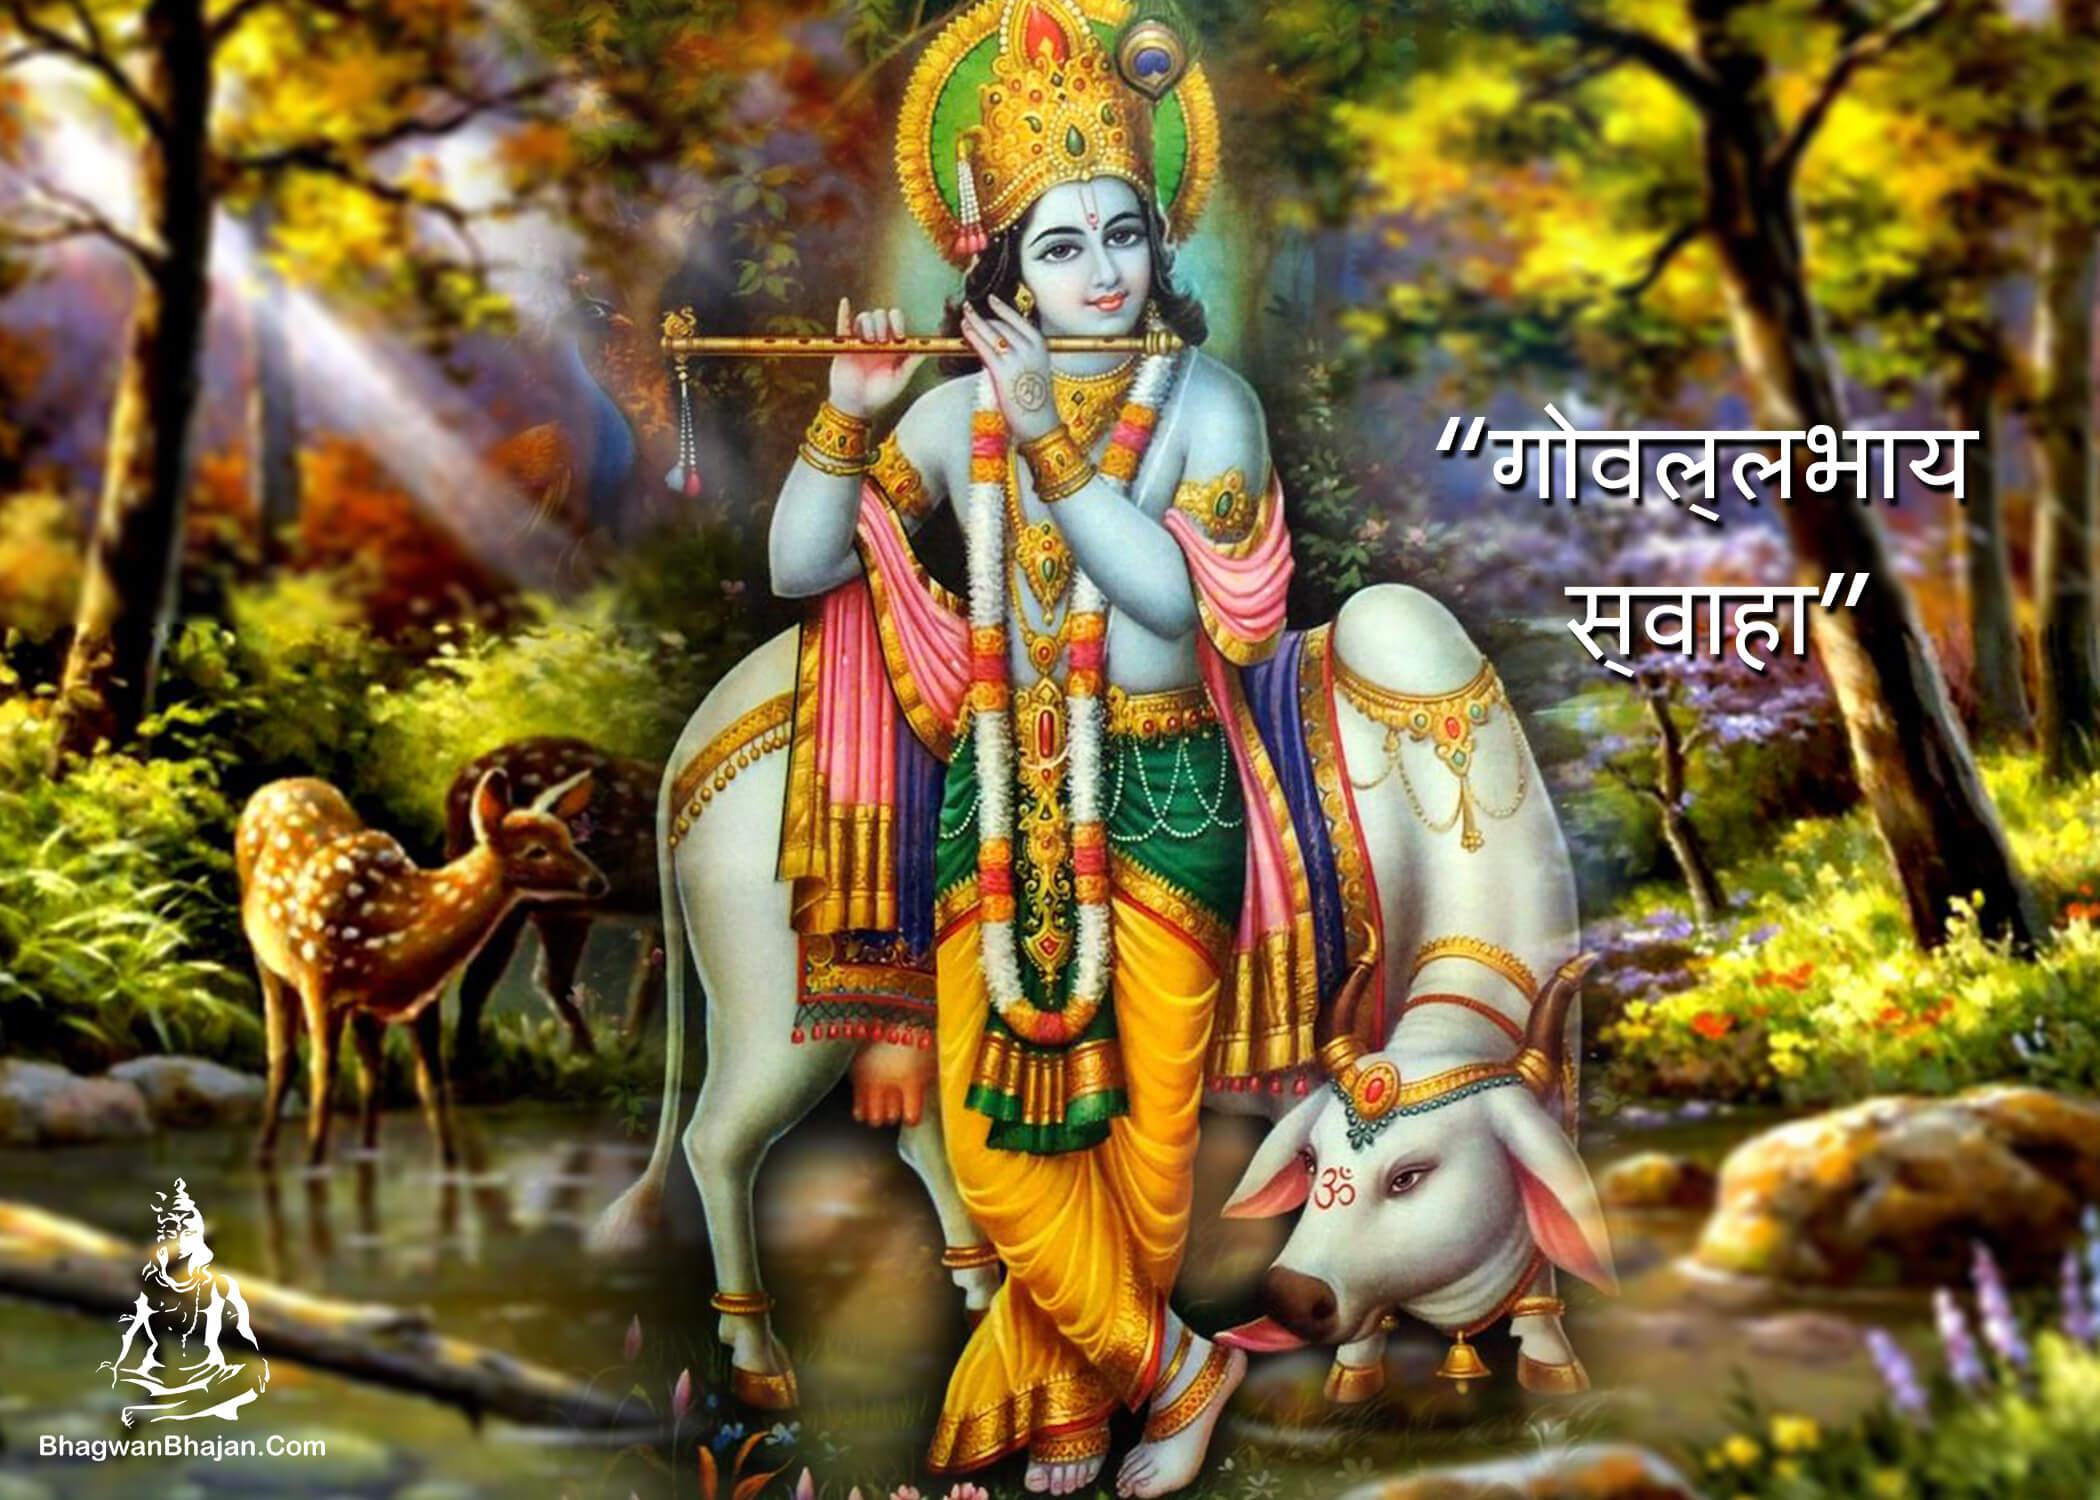 lord krishna best hd new wallpaper